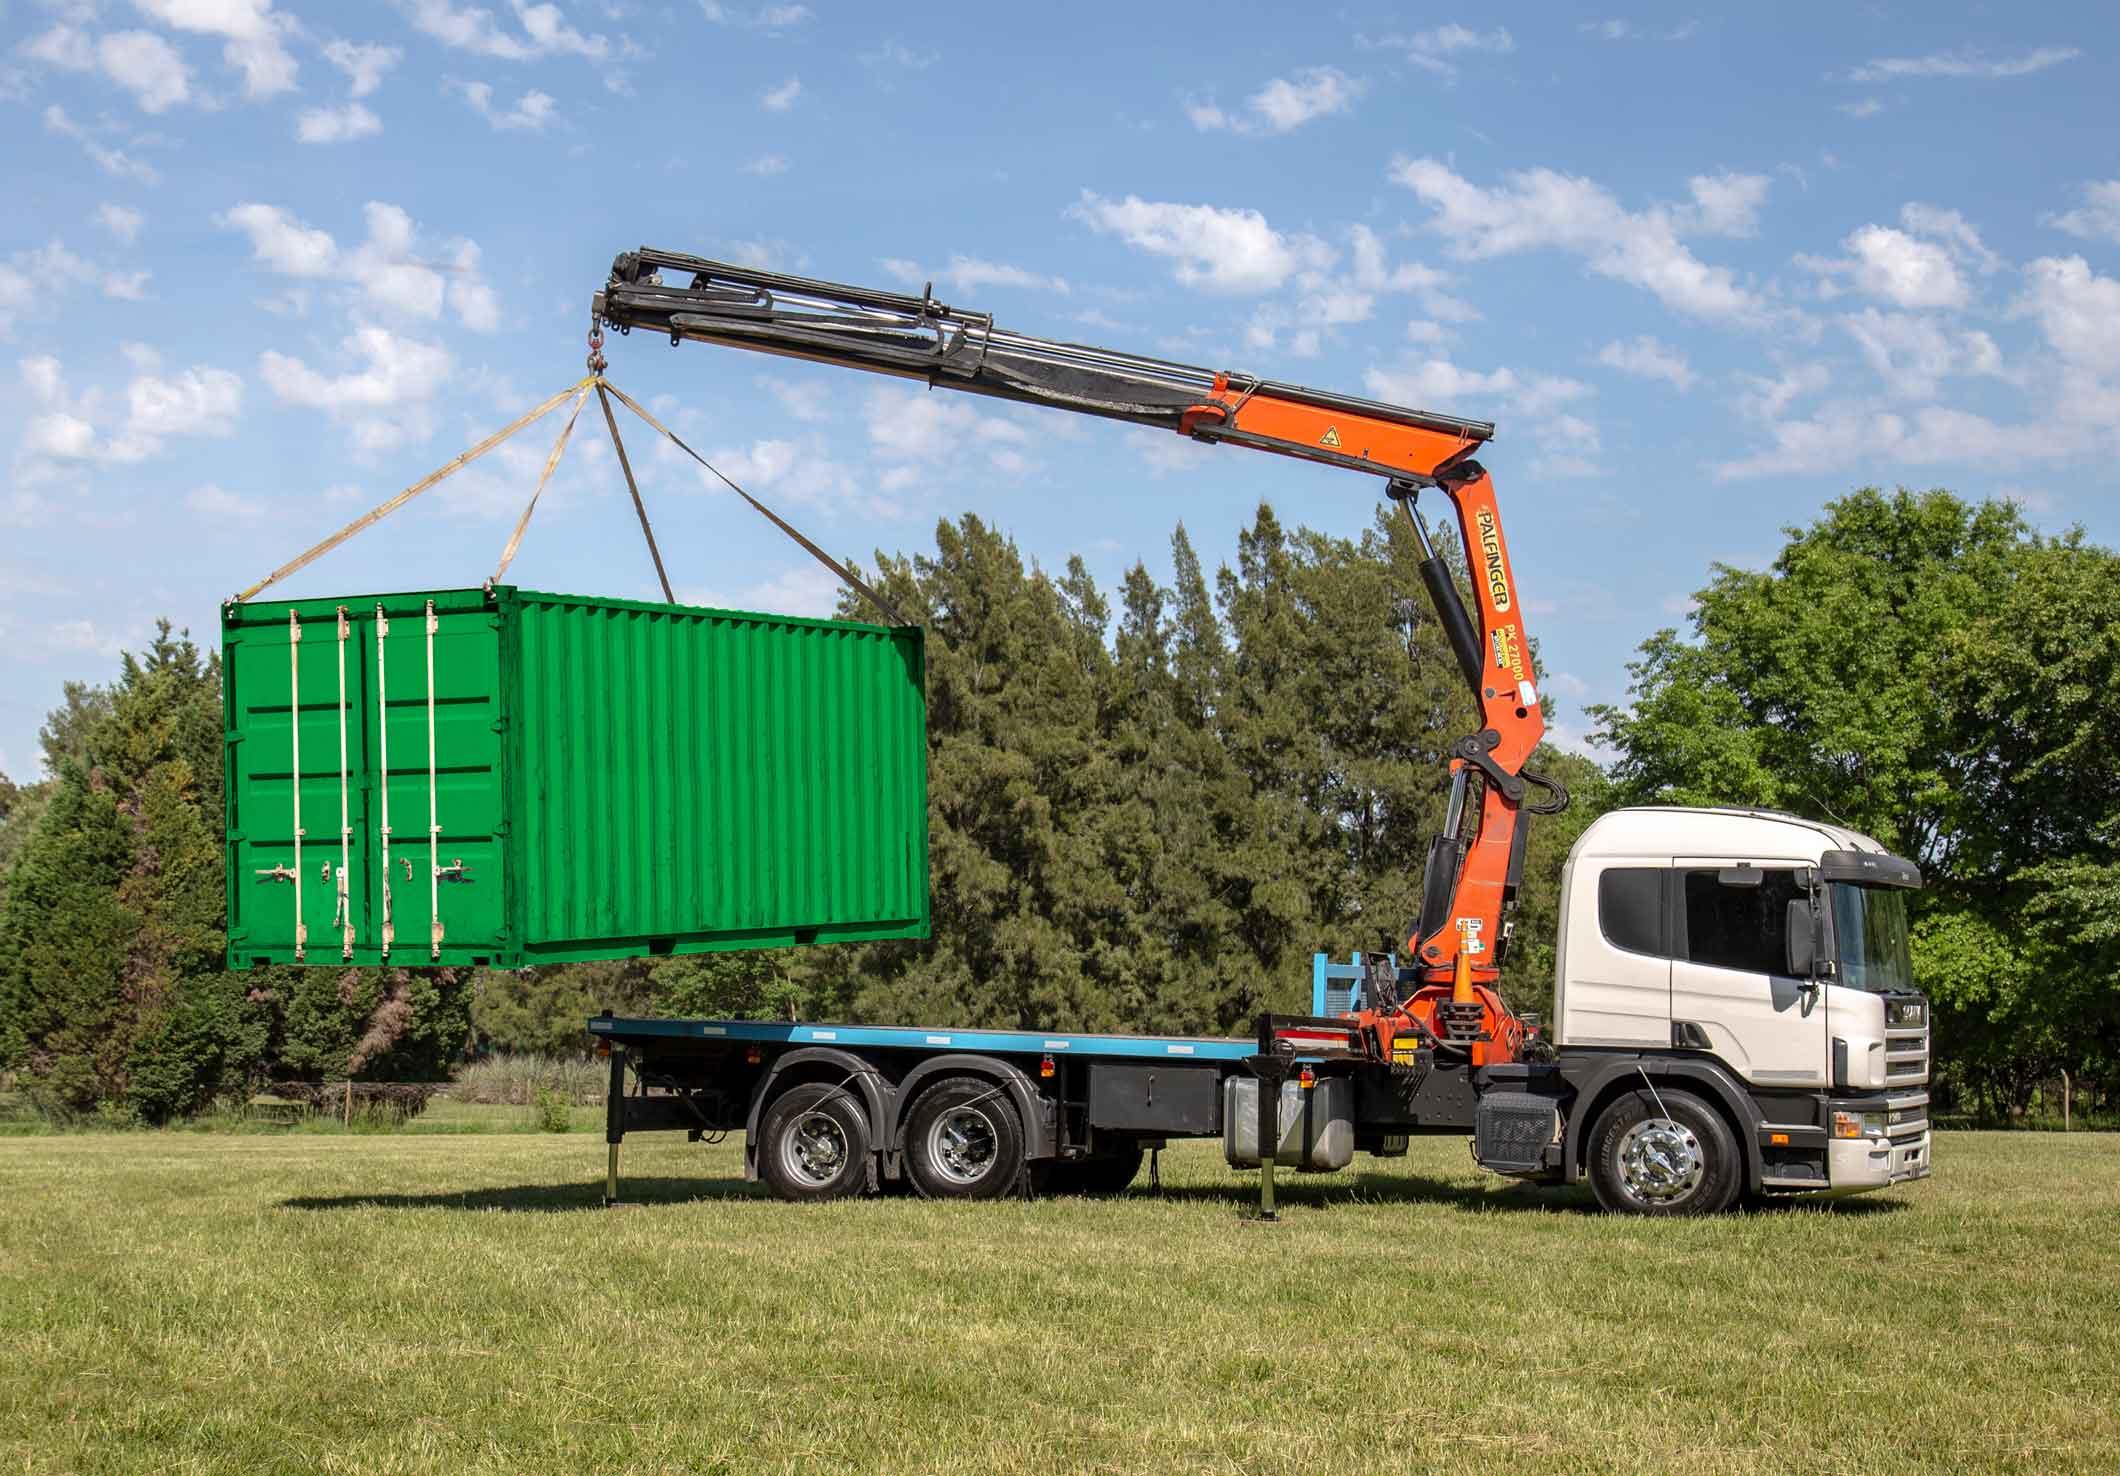 Camion con hidrogrua y container